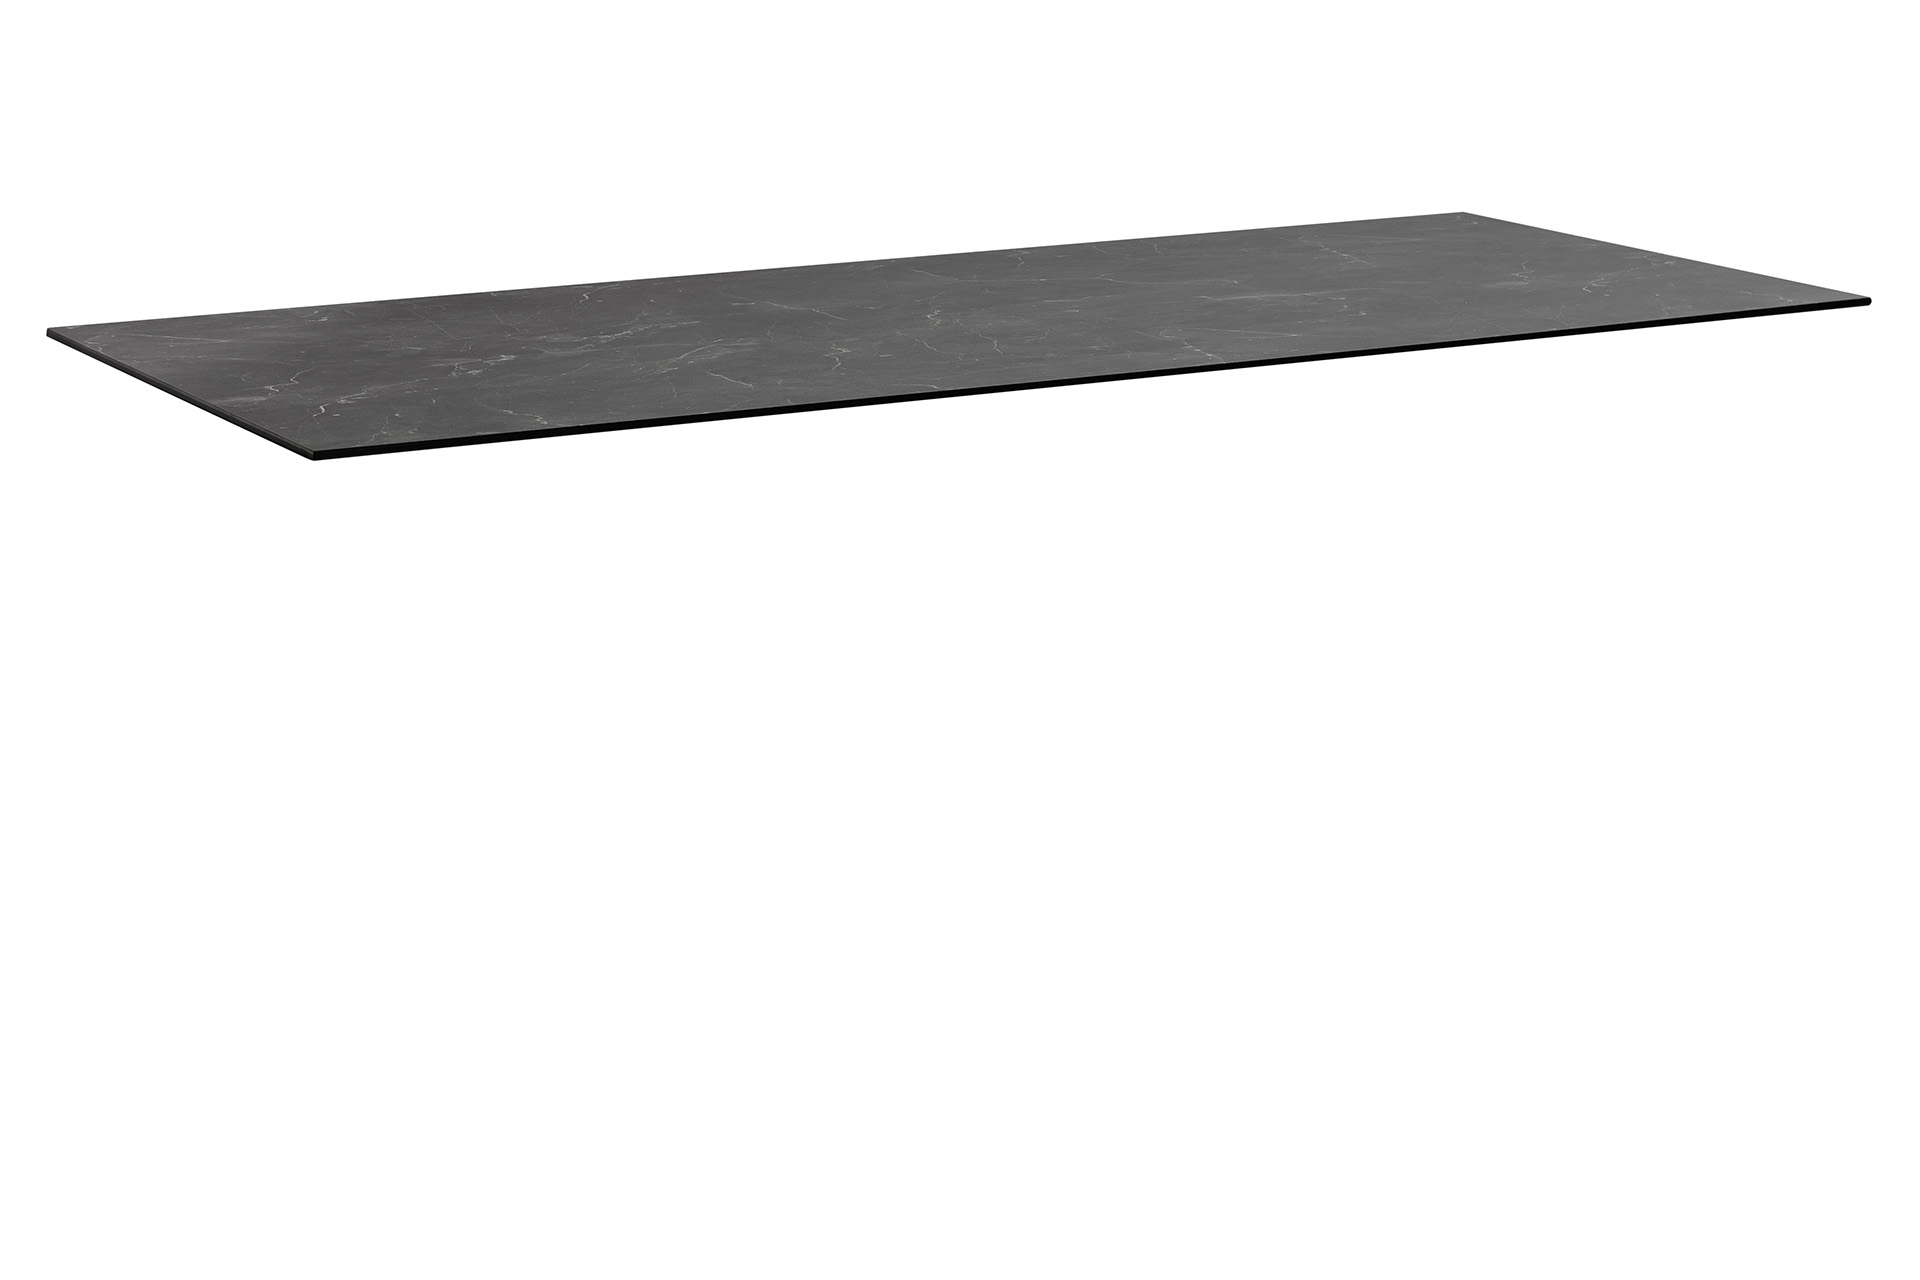 HPL Tischplatte 220 x 95 x 1,3 cm, Wing-Profil